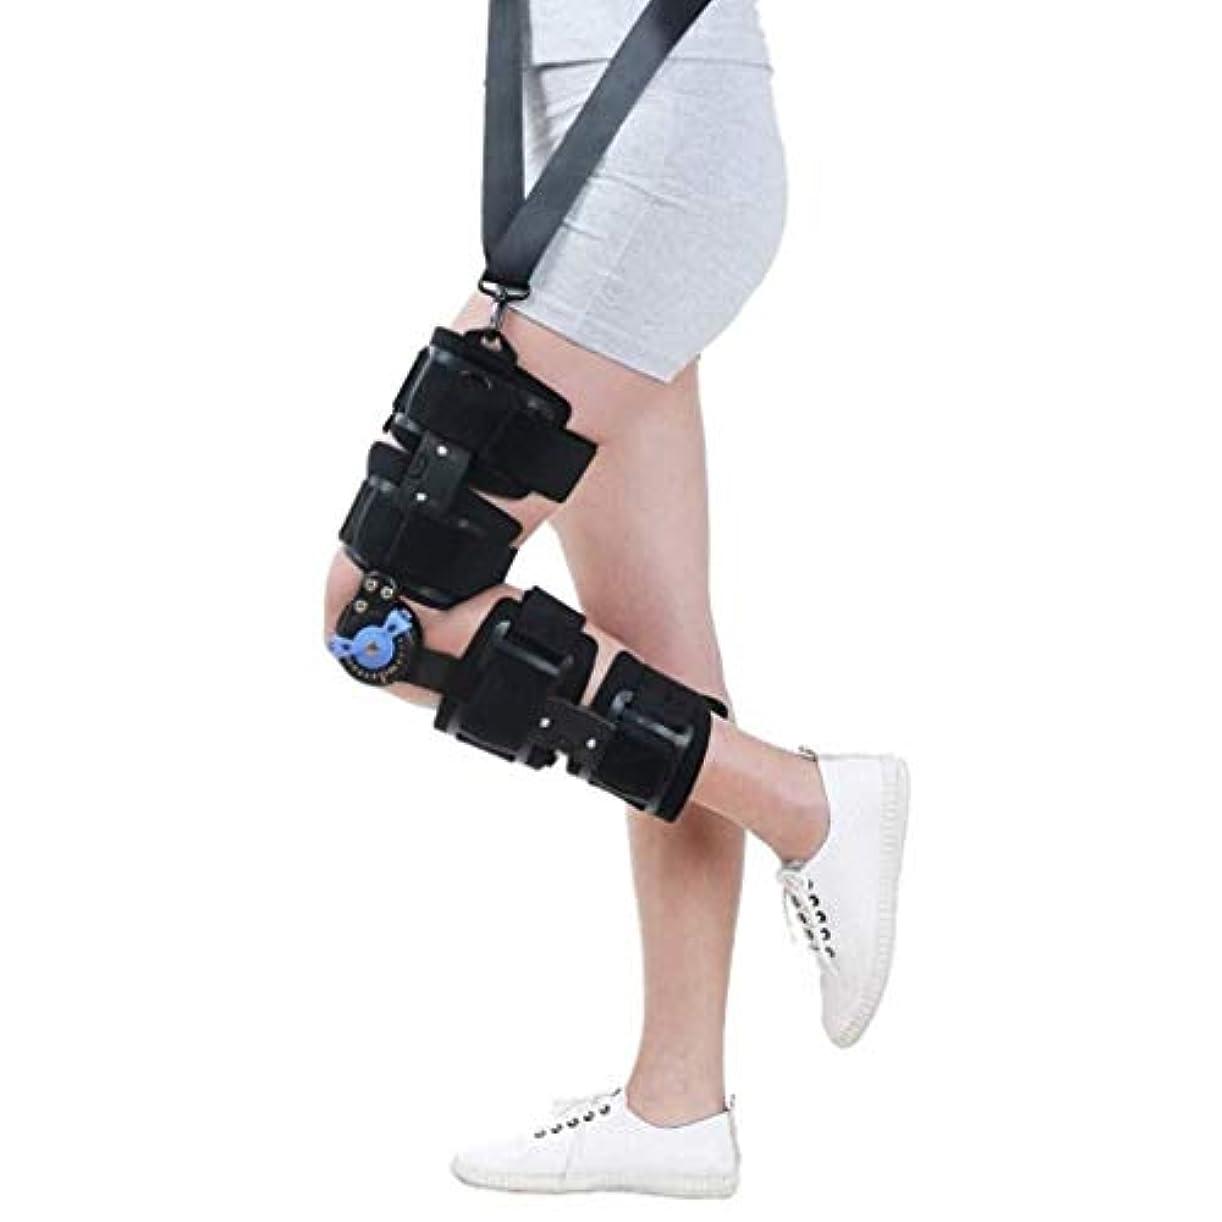 トラック努力する相手ヒンジ付き膝装具-怪我、治療、サポート、痛みの軽減のための調節可能な靭帯サポート (Color : As Picture, Size : Left)